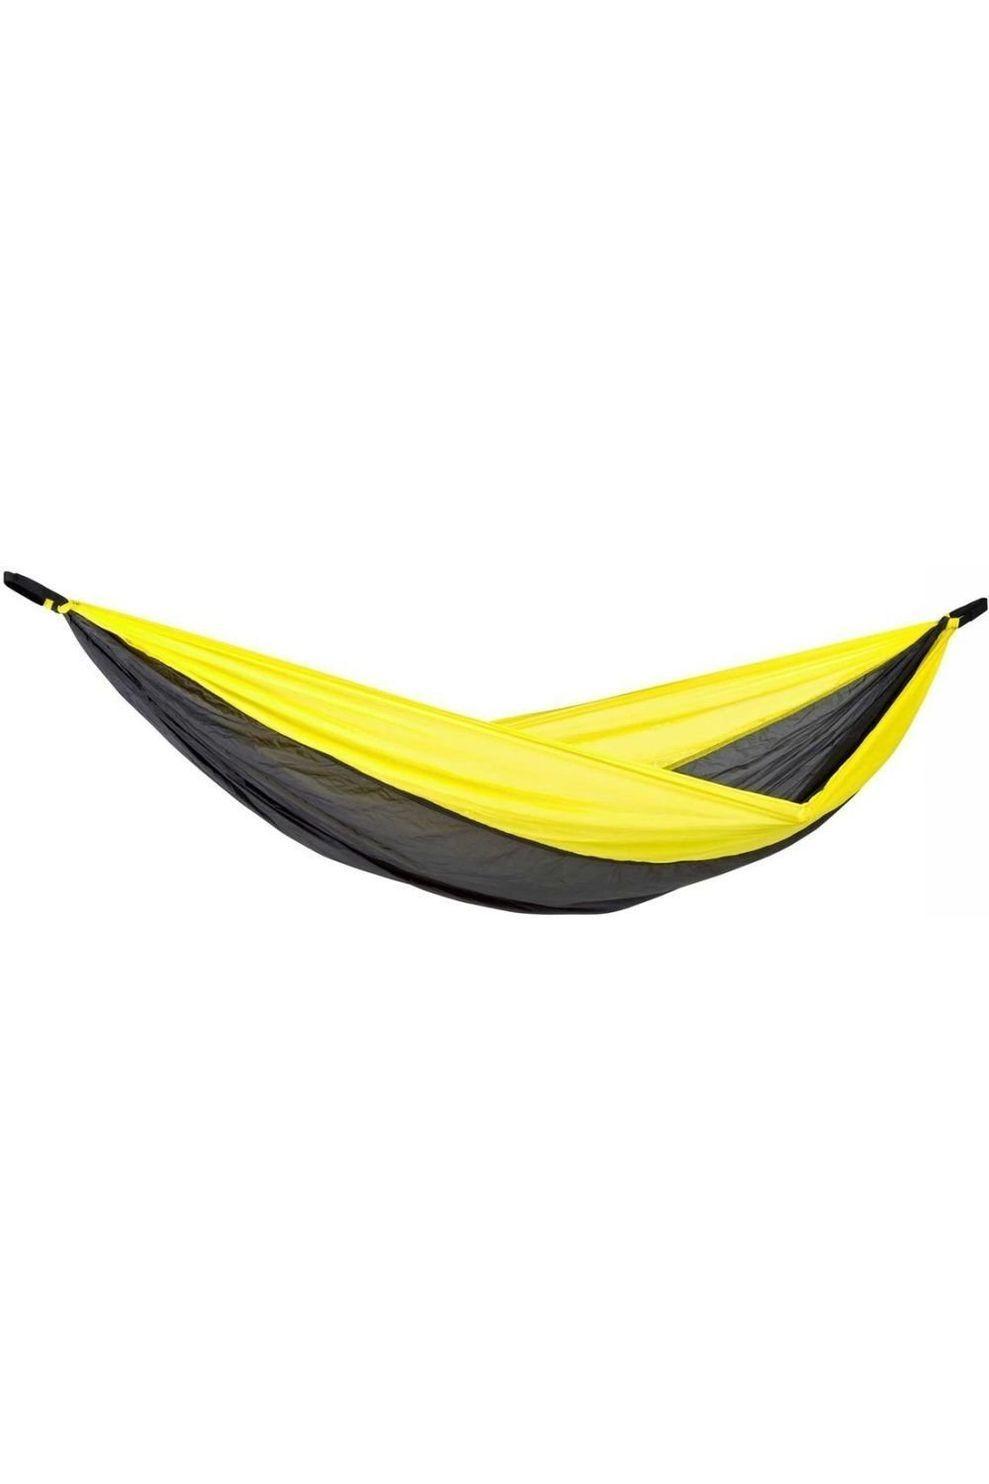 Amazonas Hangmat Adventure Hammock - Geel/Zwart